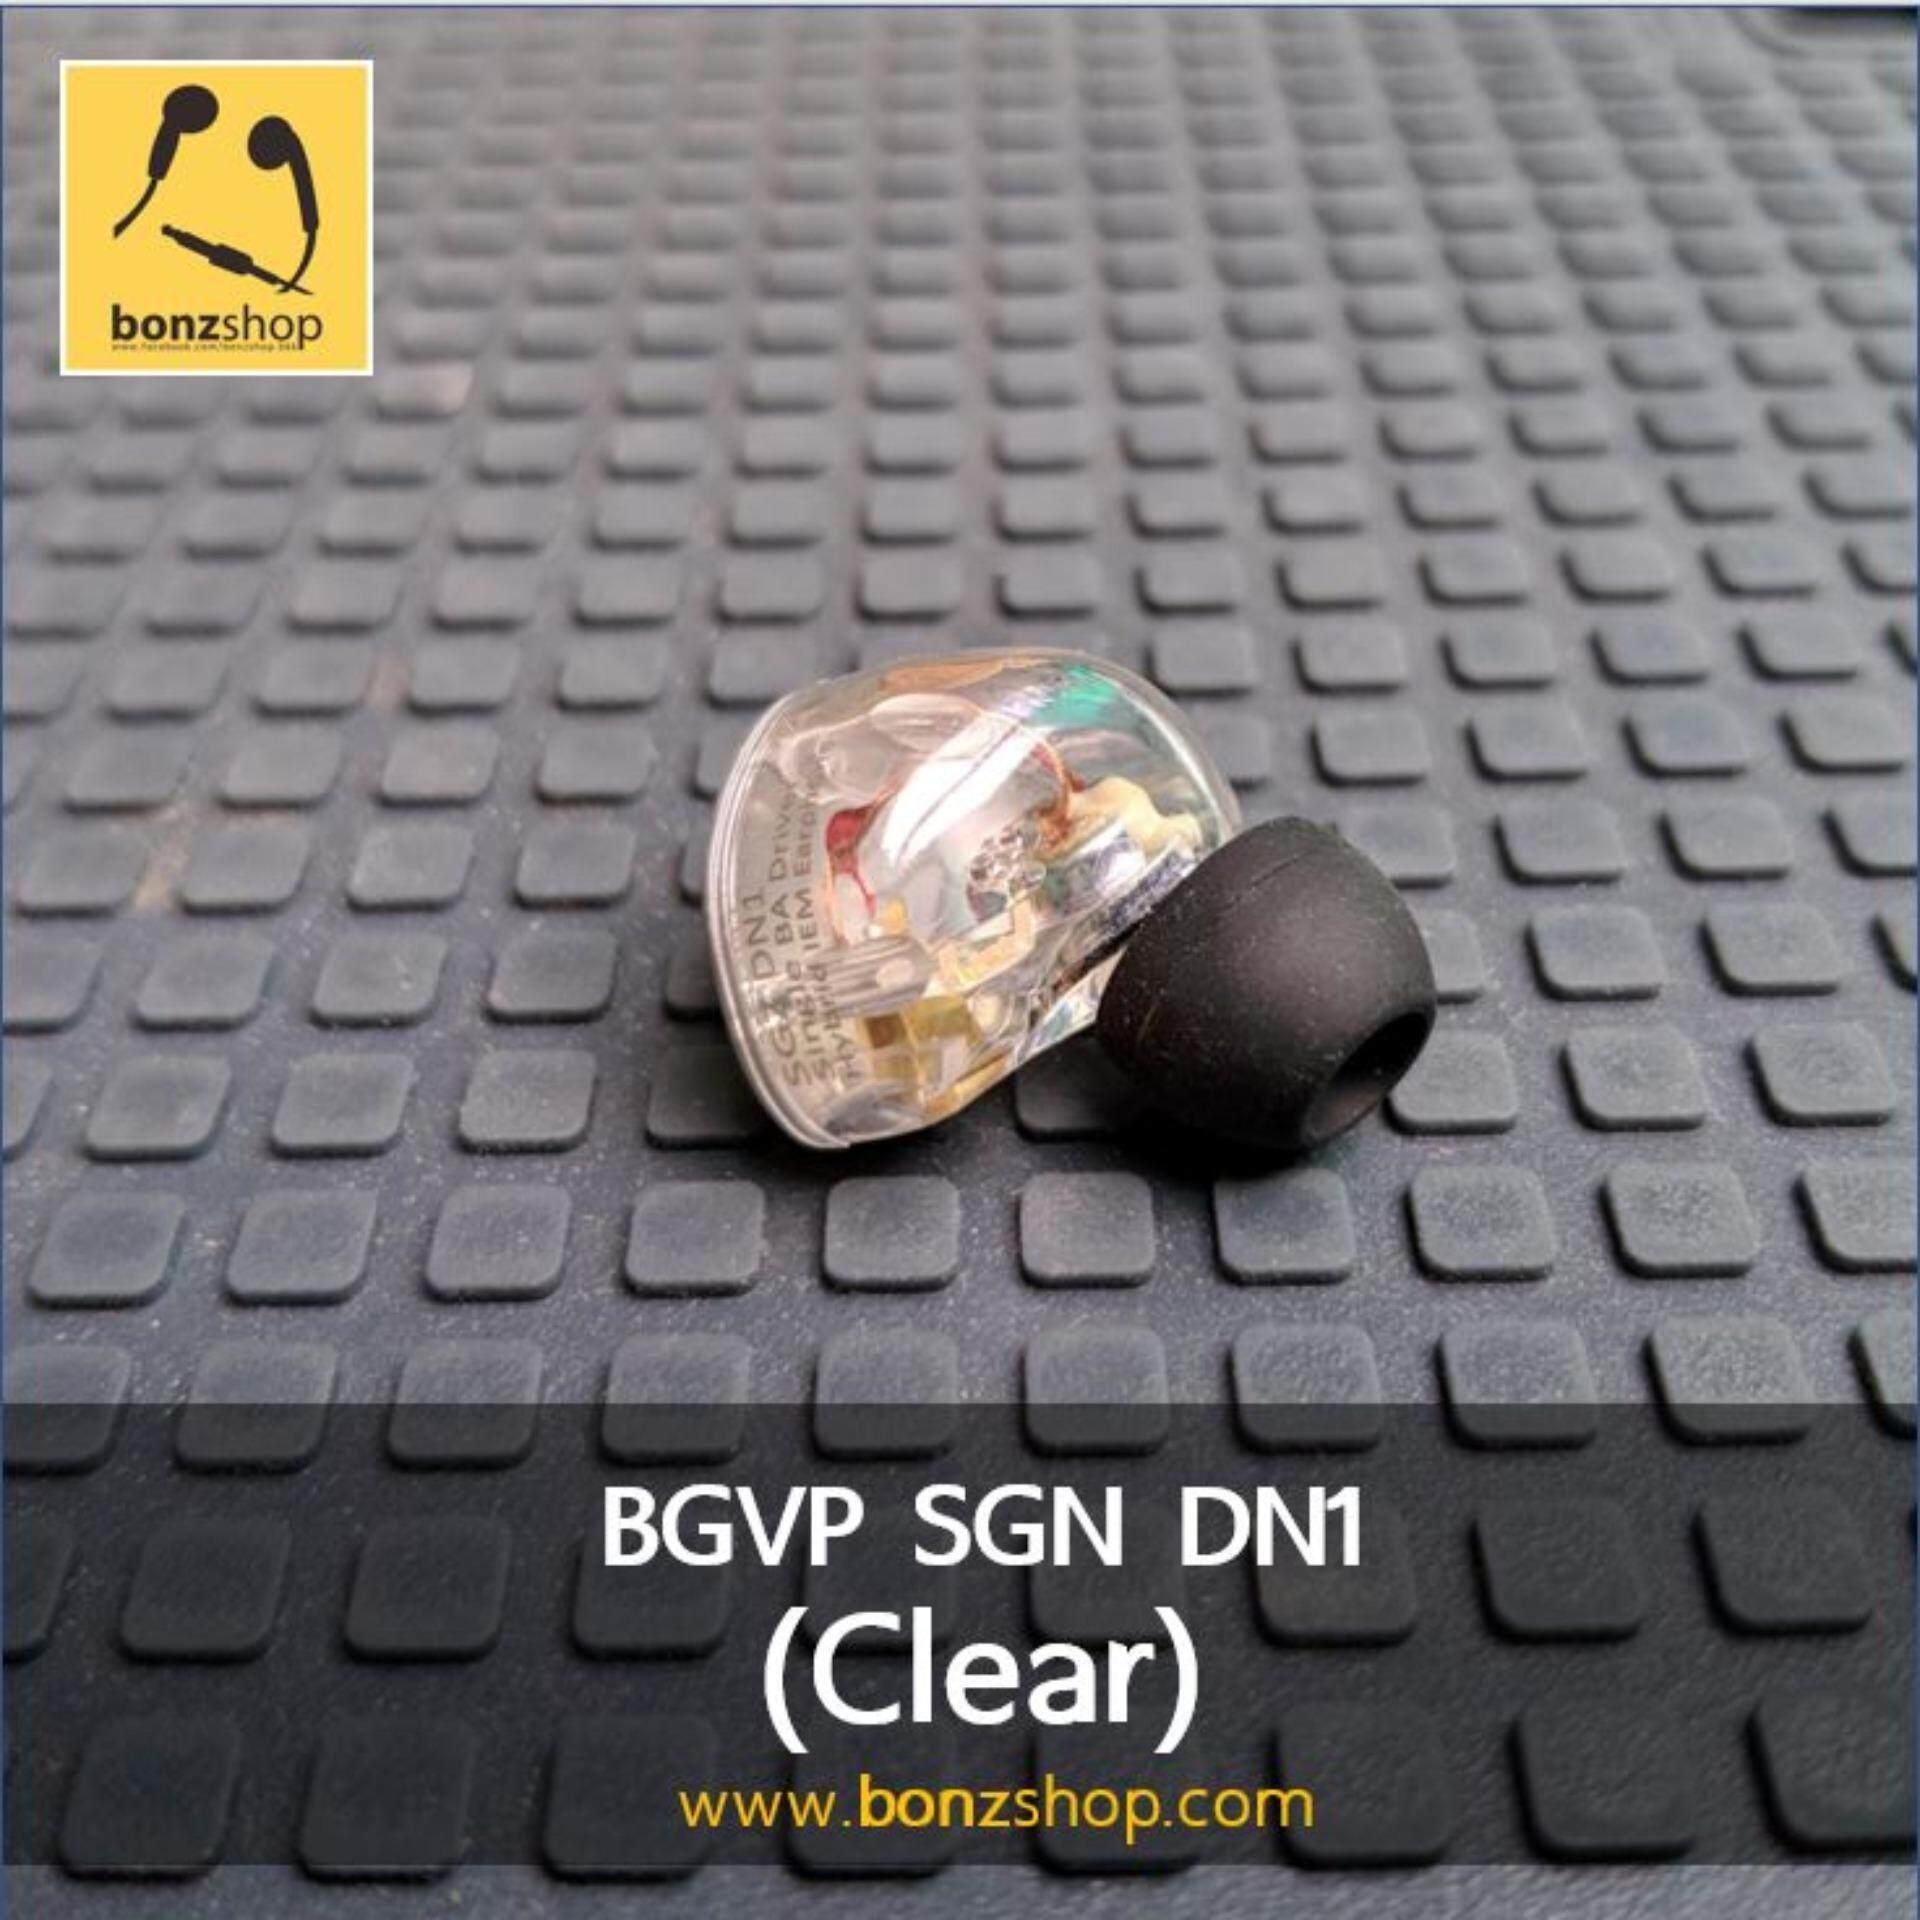 ดีที่สุดอันดับ1 หูฟัง BGVP ขาย BGVP SGZ DN1 (Hybrid Driver 1DD+1BA) คะแนน เต็ม 5 ดาวจากเว็บจัดอันดับหูฟัง มีของแถม